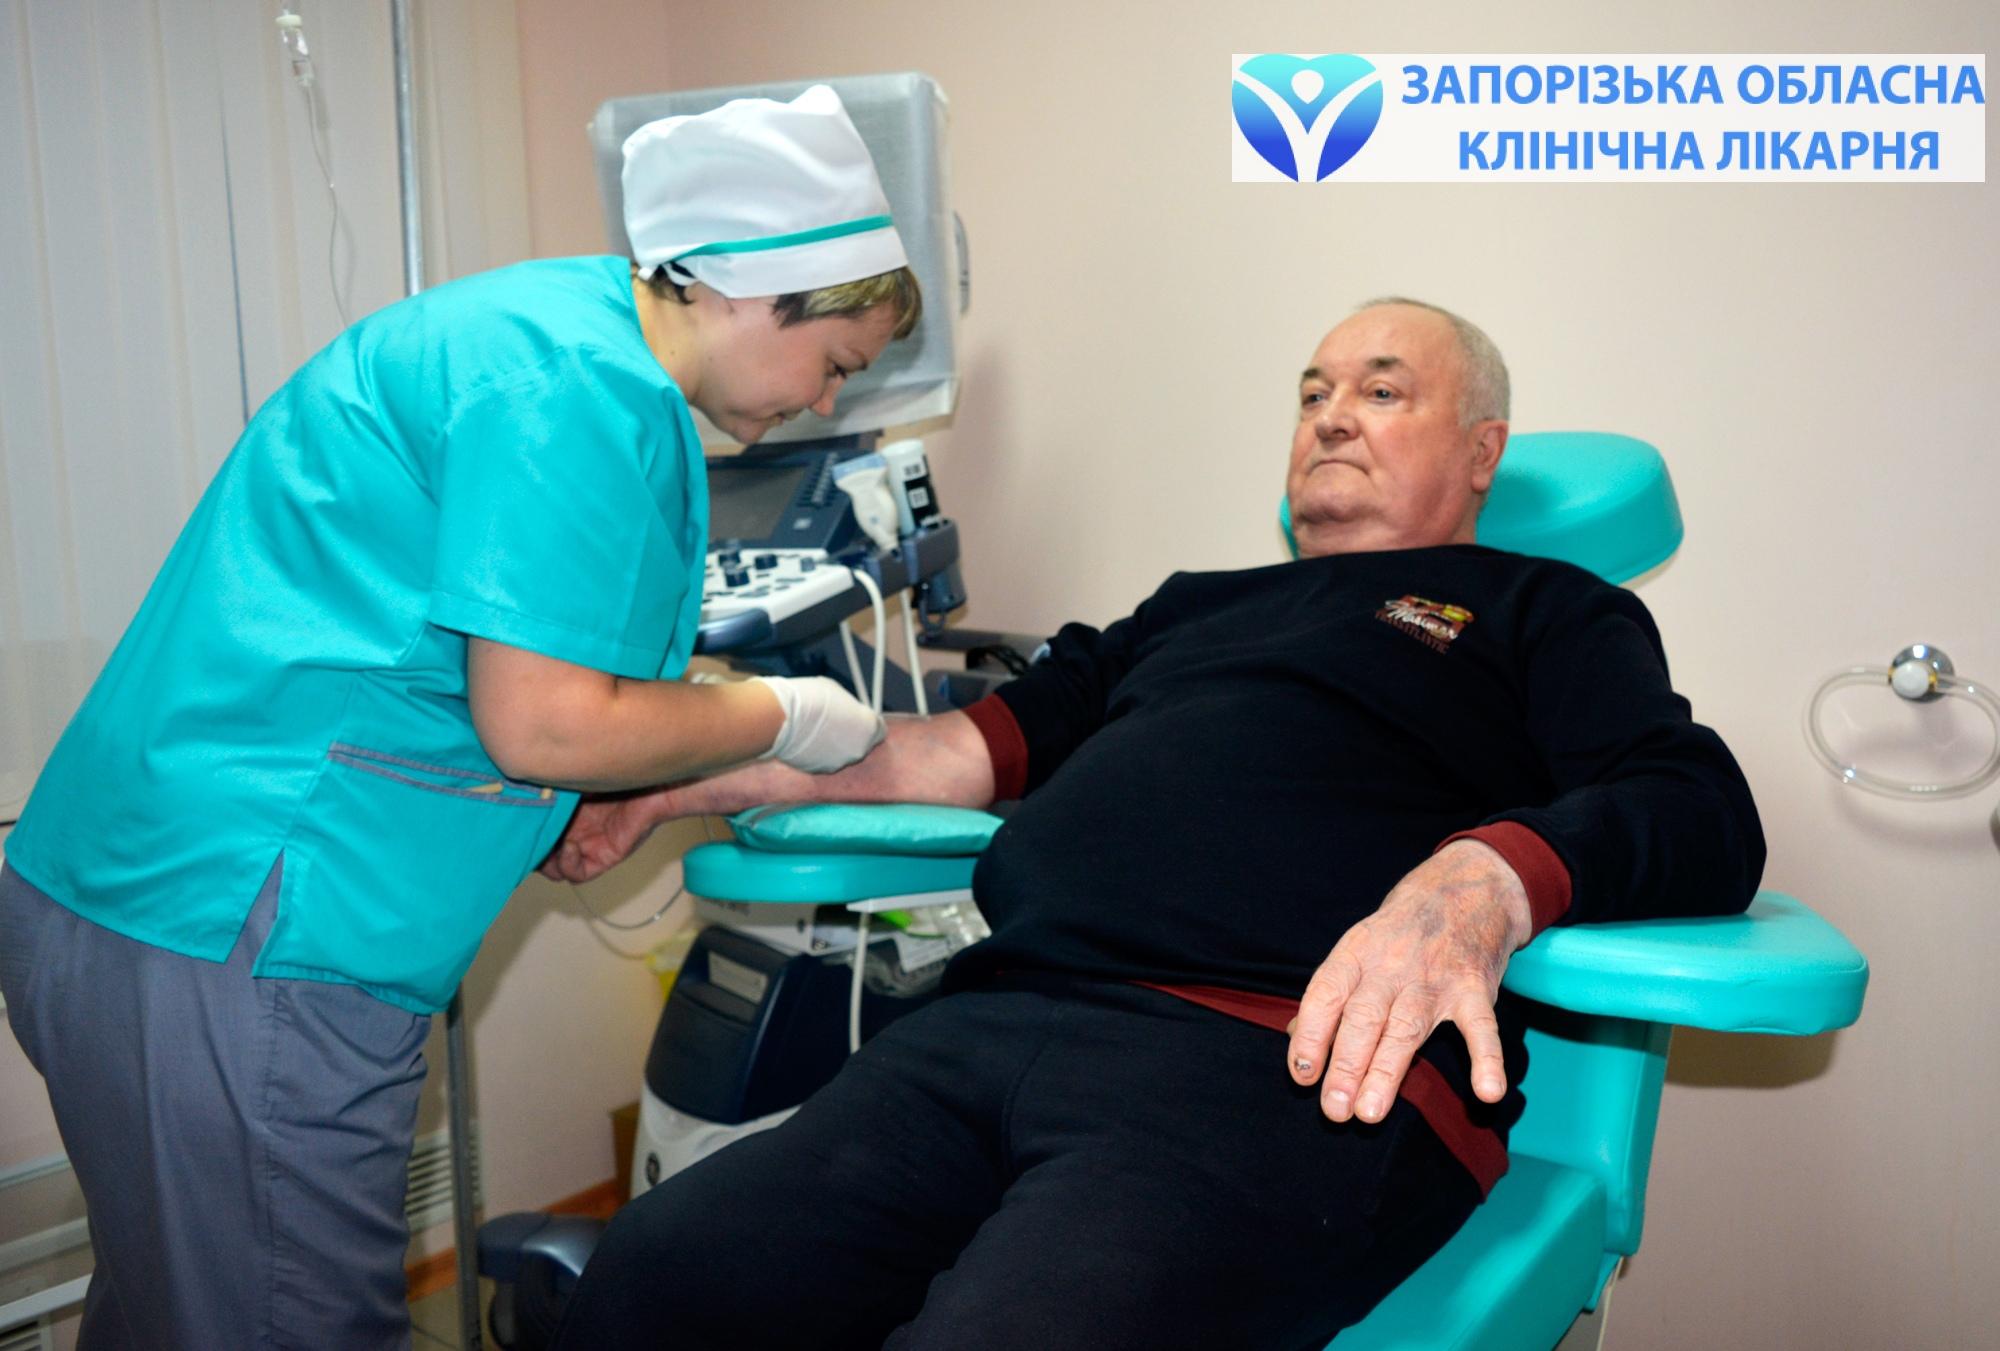 pacient-na-procedurakh-v-otdelenii-rev